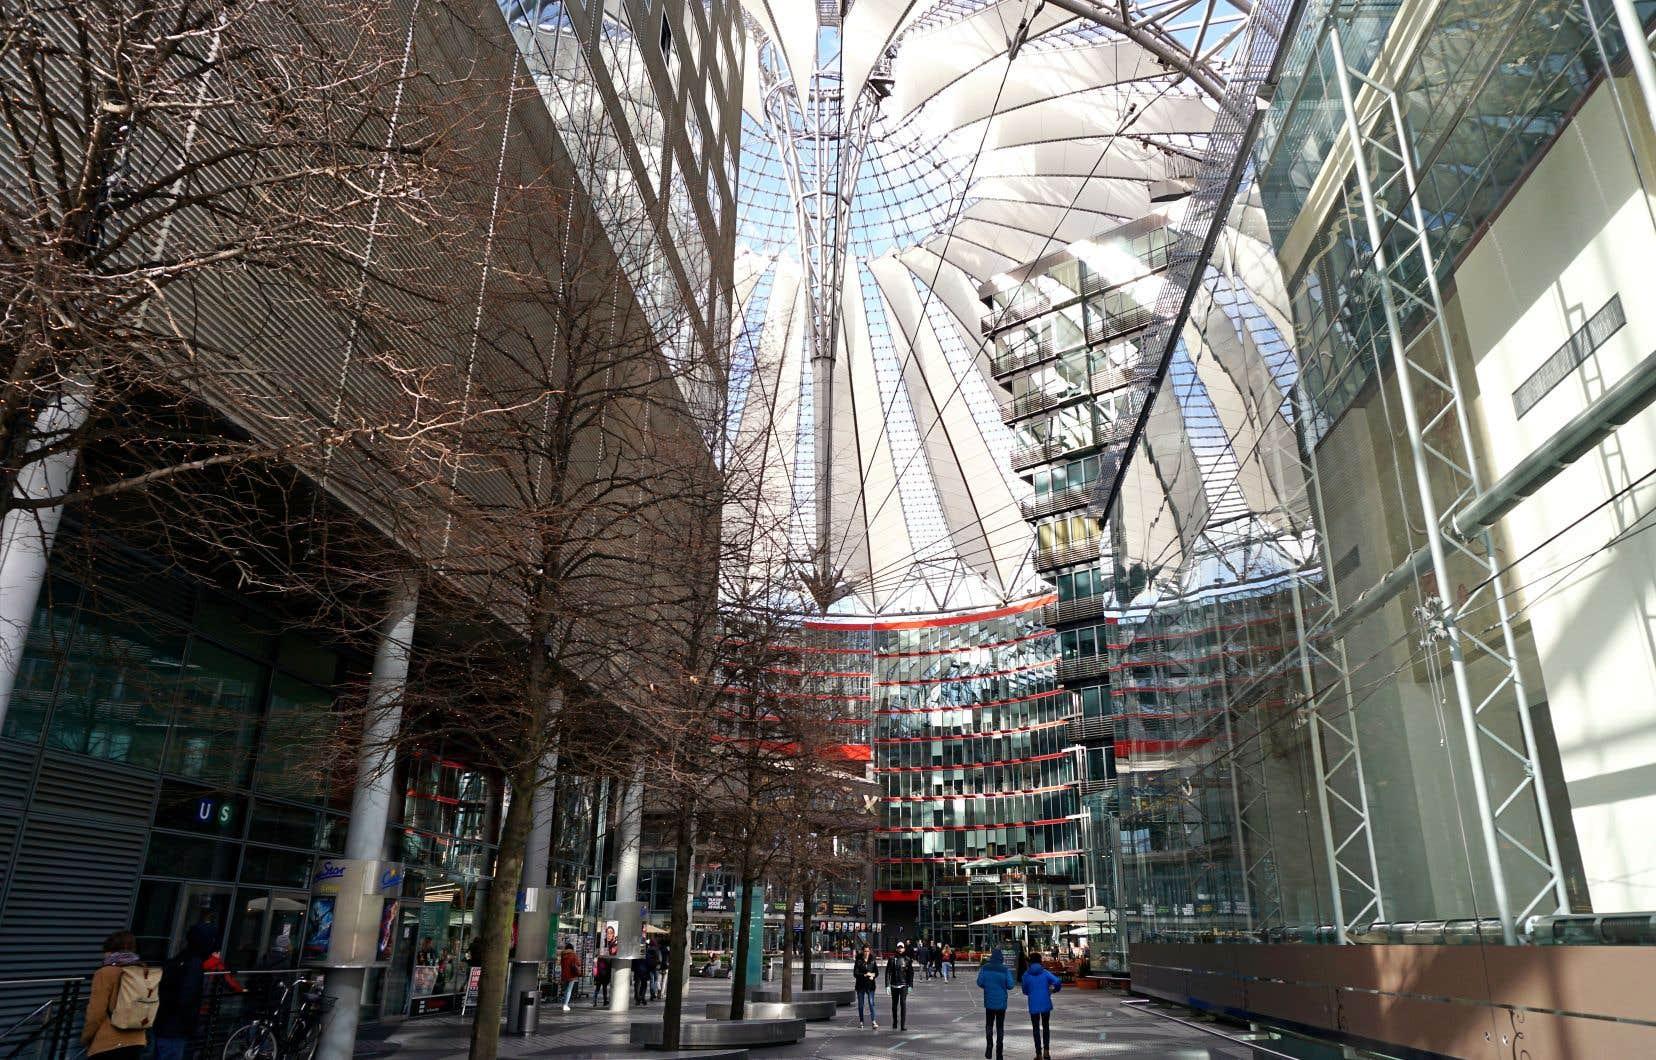 L'architecture du centre Sony, au sein du Postdamer Platz, constitue un aimant pour les visiteurs, qui y passent pour flâner ou pour casser la croûte.